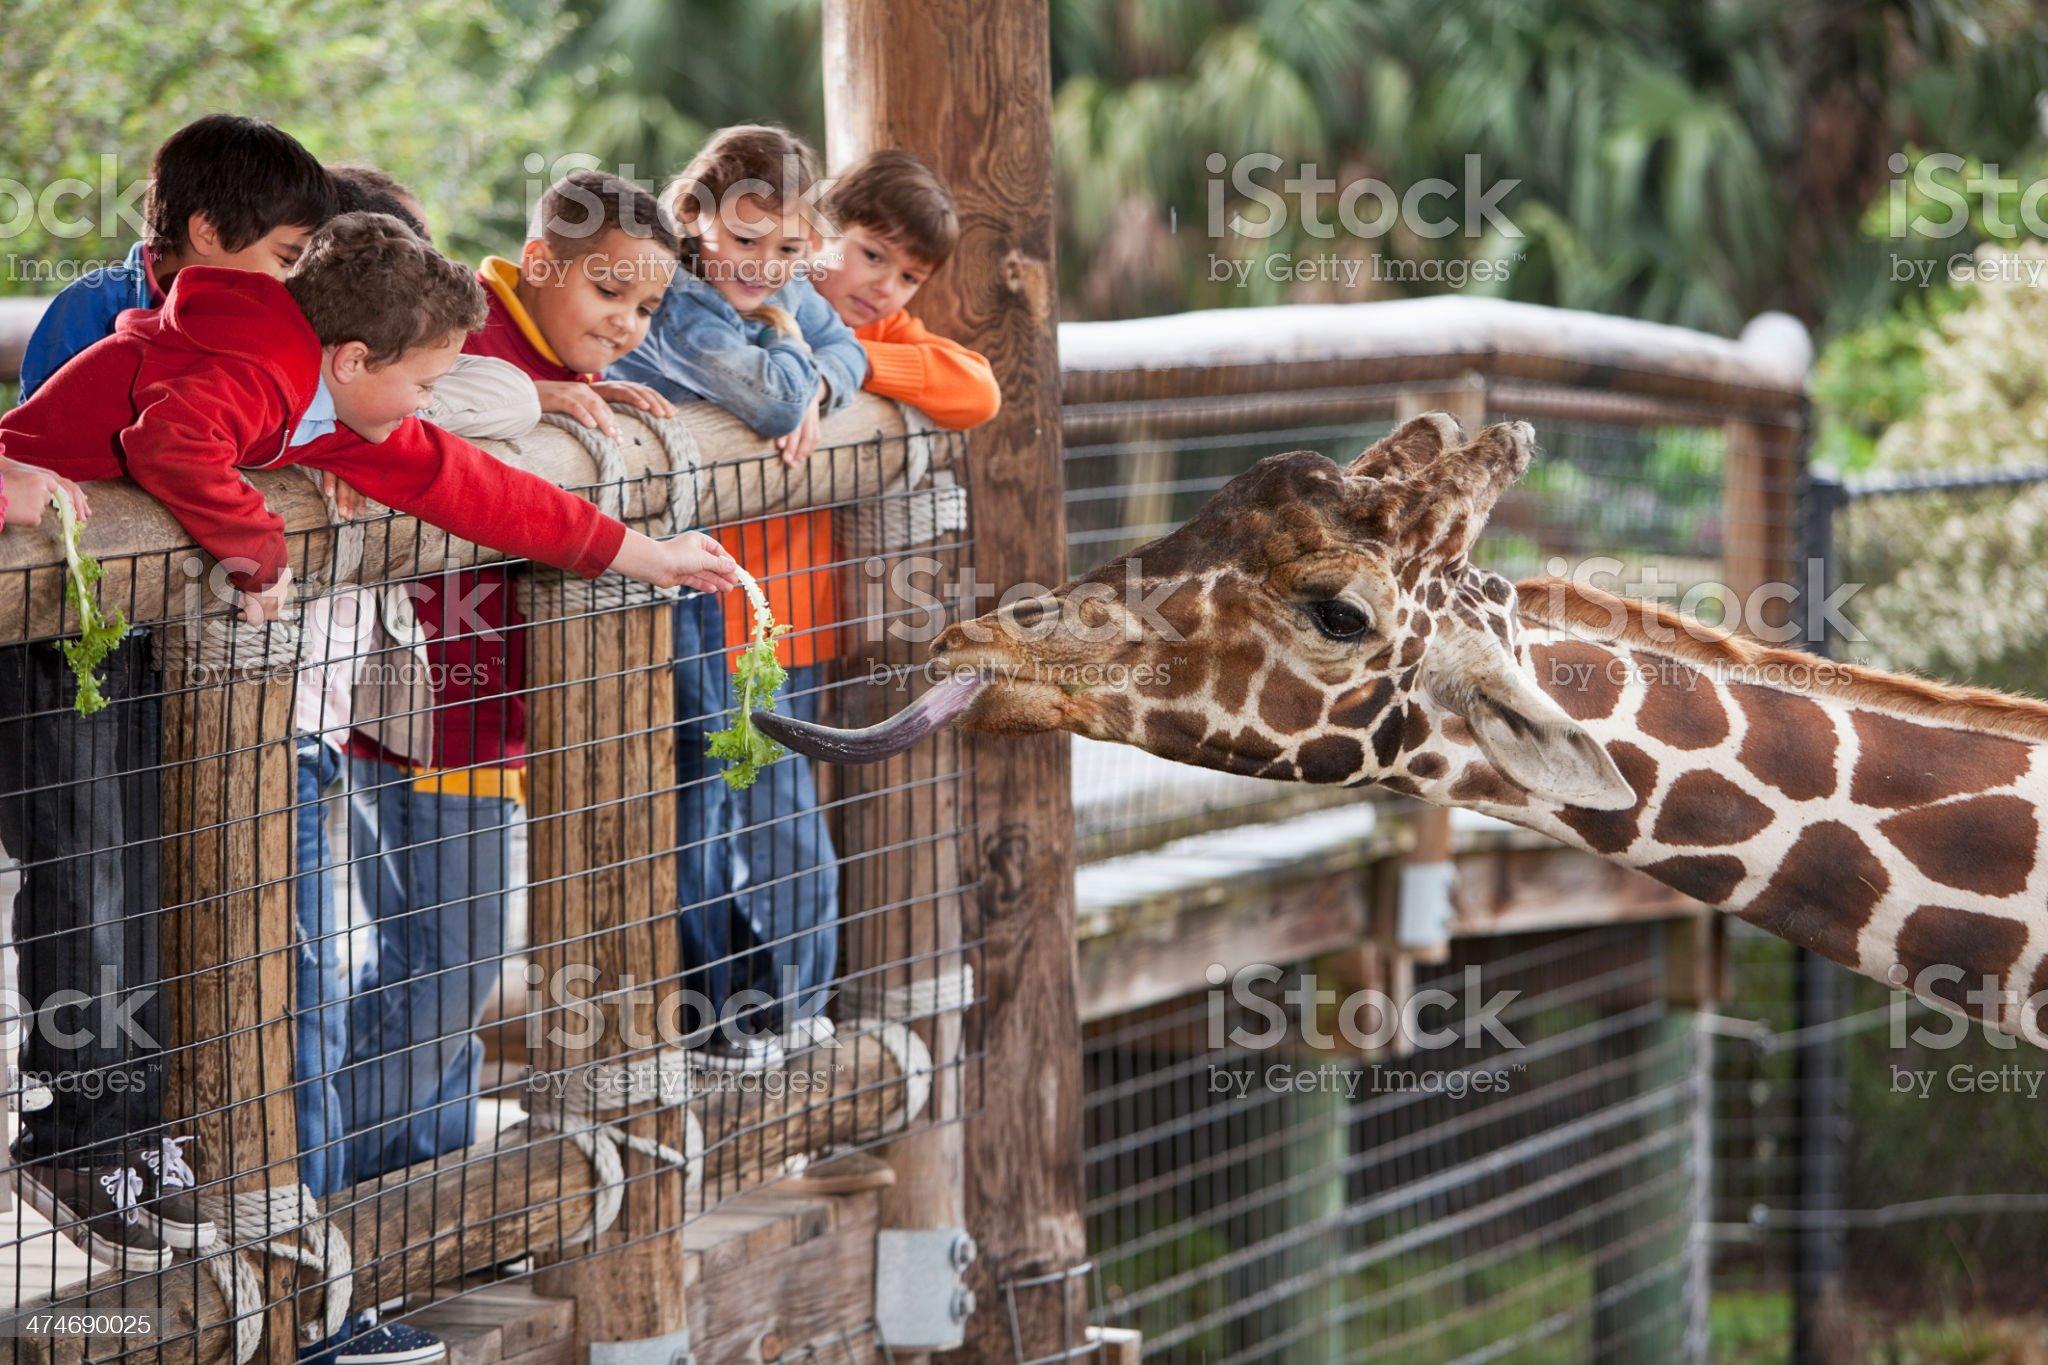 Gyermekek az állatkertben, zsiráf etetésével - Royalty Free állatkert Stock fotók